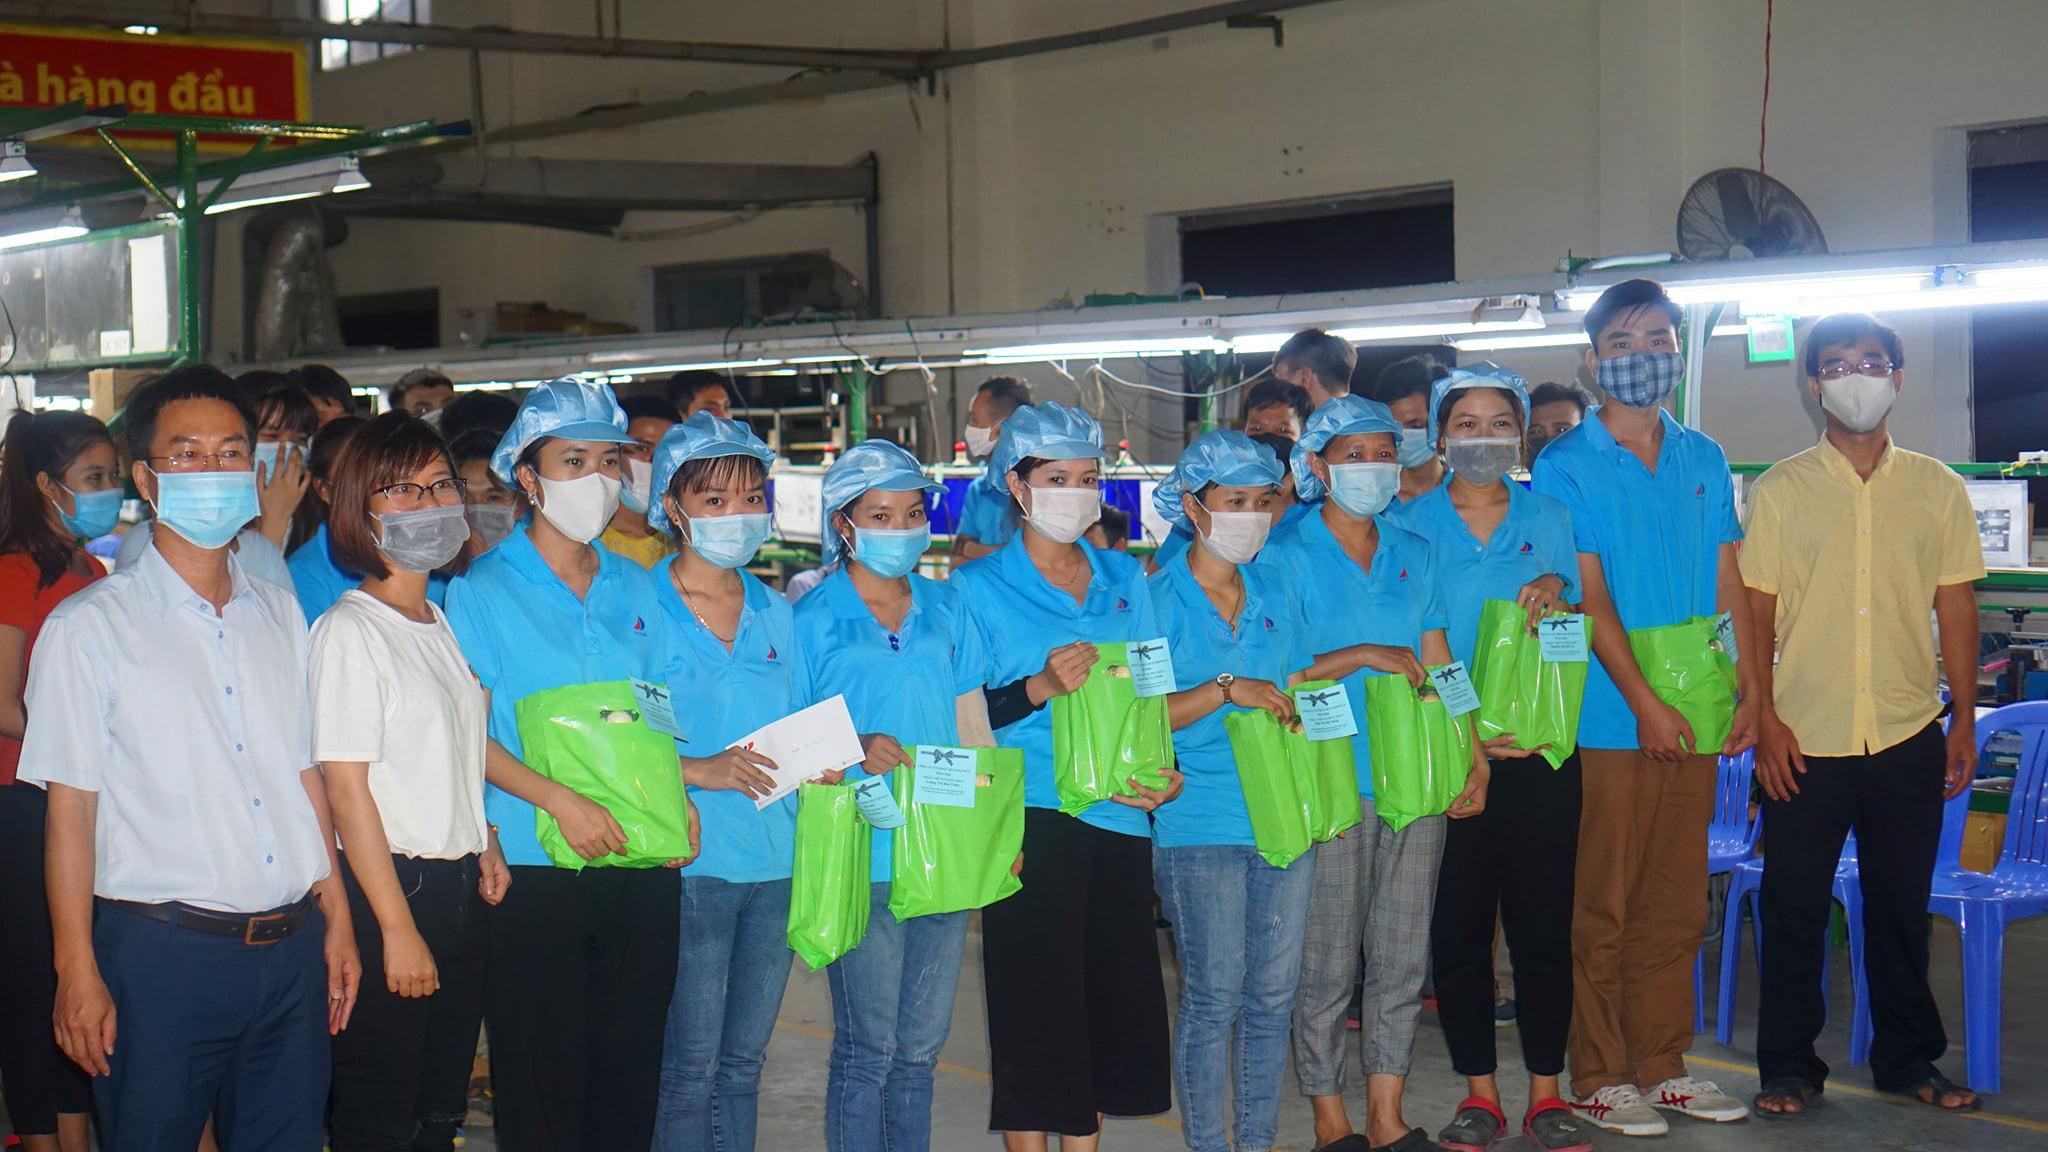 Huetronics vừa tổ chức sản xuất, vừa đảm bảo công tác phòng chống dịch Covid-19